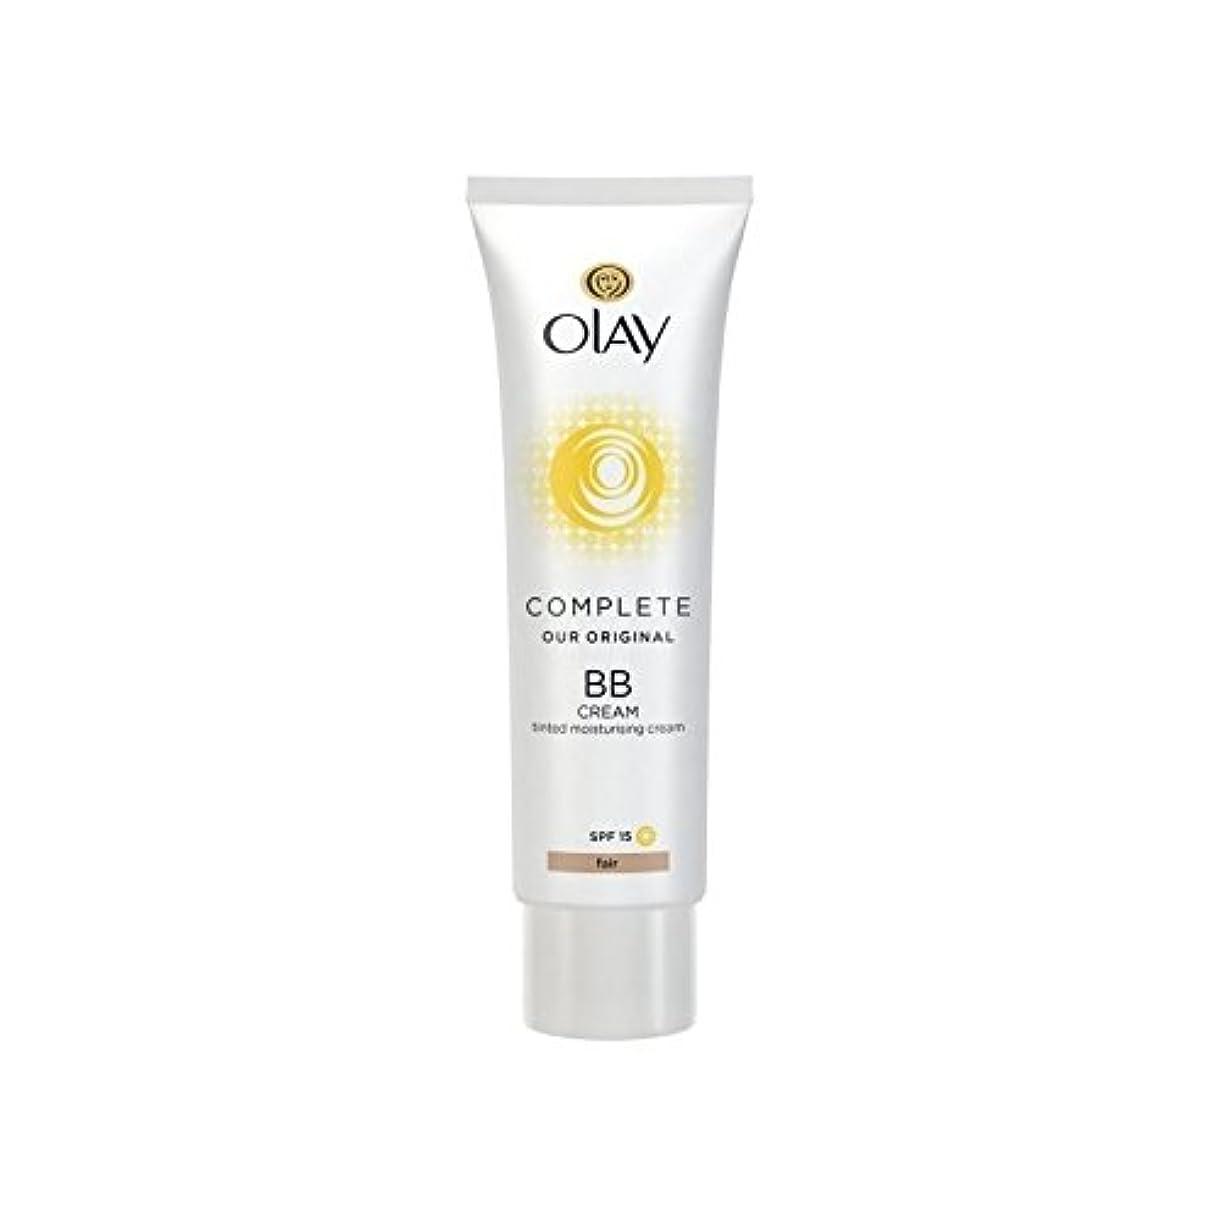 グラフィックガイドラインフライトオーレイ完全なクリーム15フェアの50ミリリットル x2 - Olay Complete BB Cream Fair SPF15 50ml (Pack of 2) [並行輸入品]